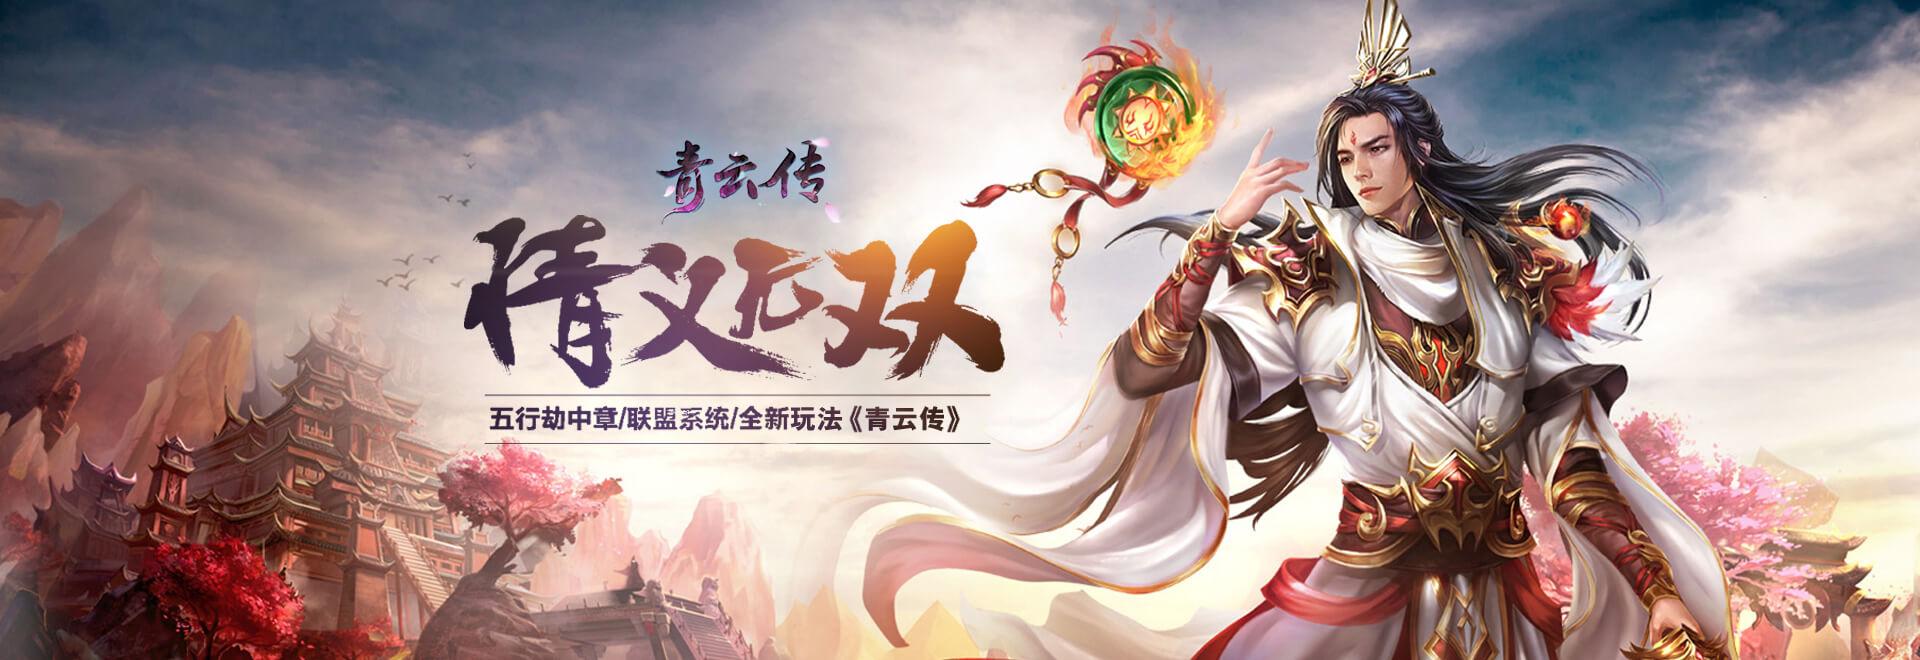 青云传(新)